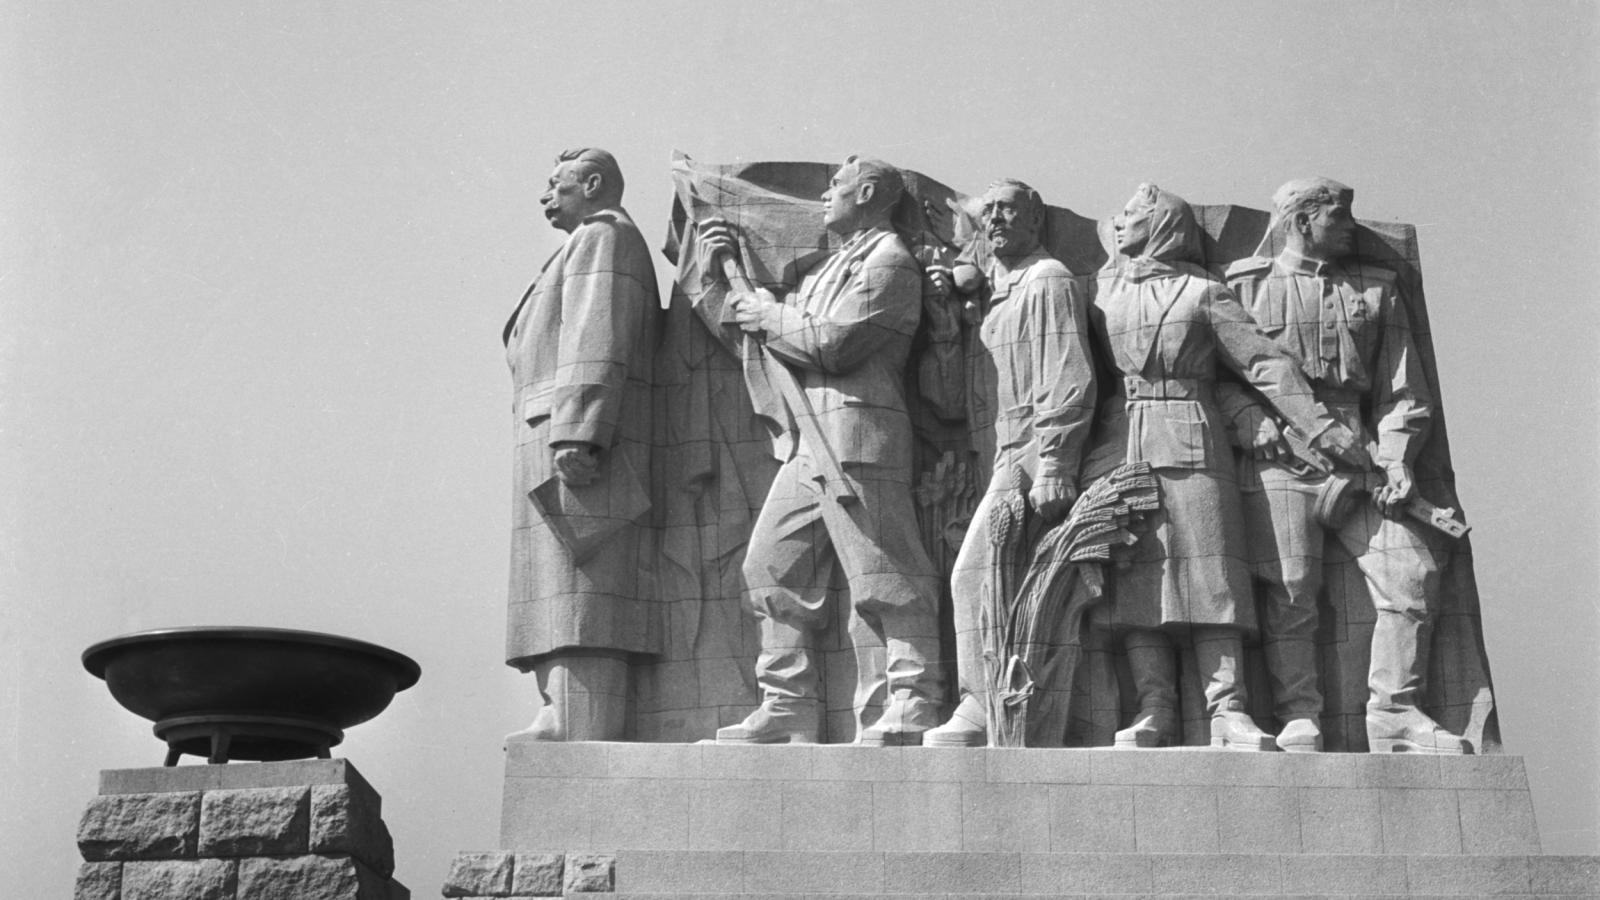 6b689e9a403 Co zbylo po Stalinovi  výstava v podzemí připomínající totality 20. století